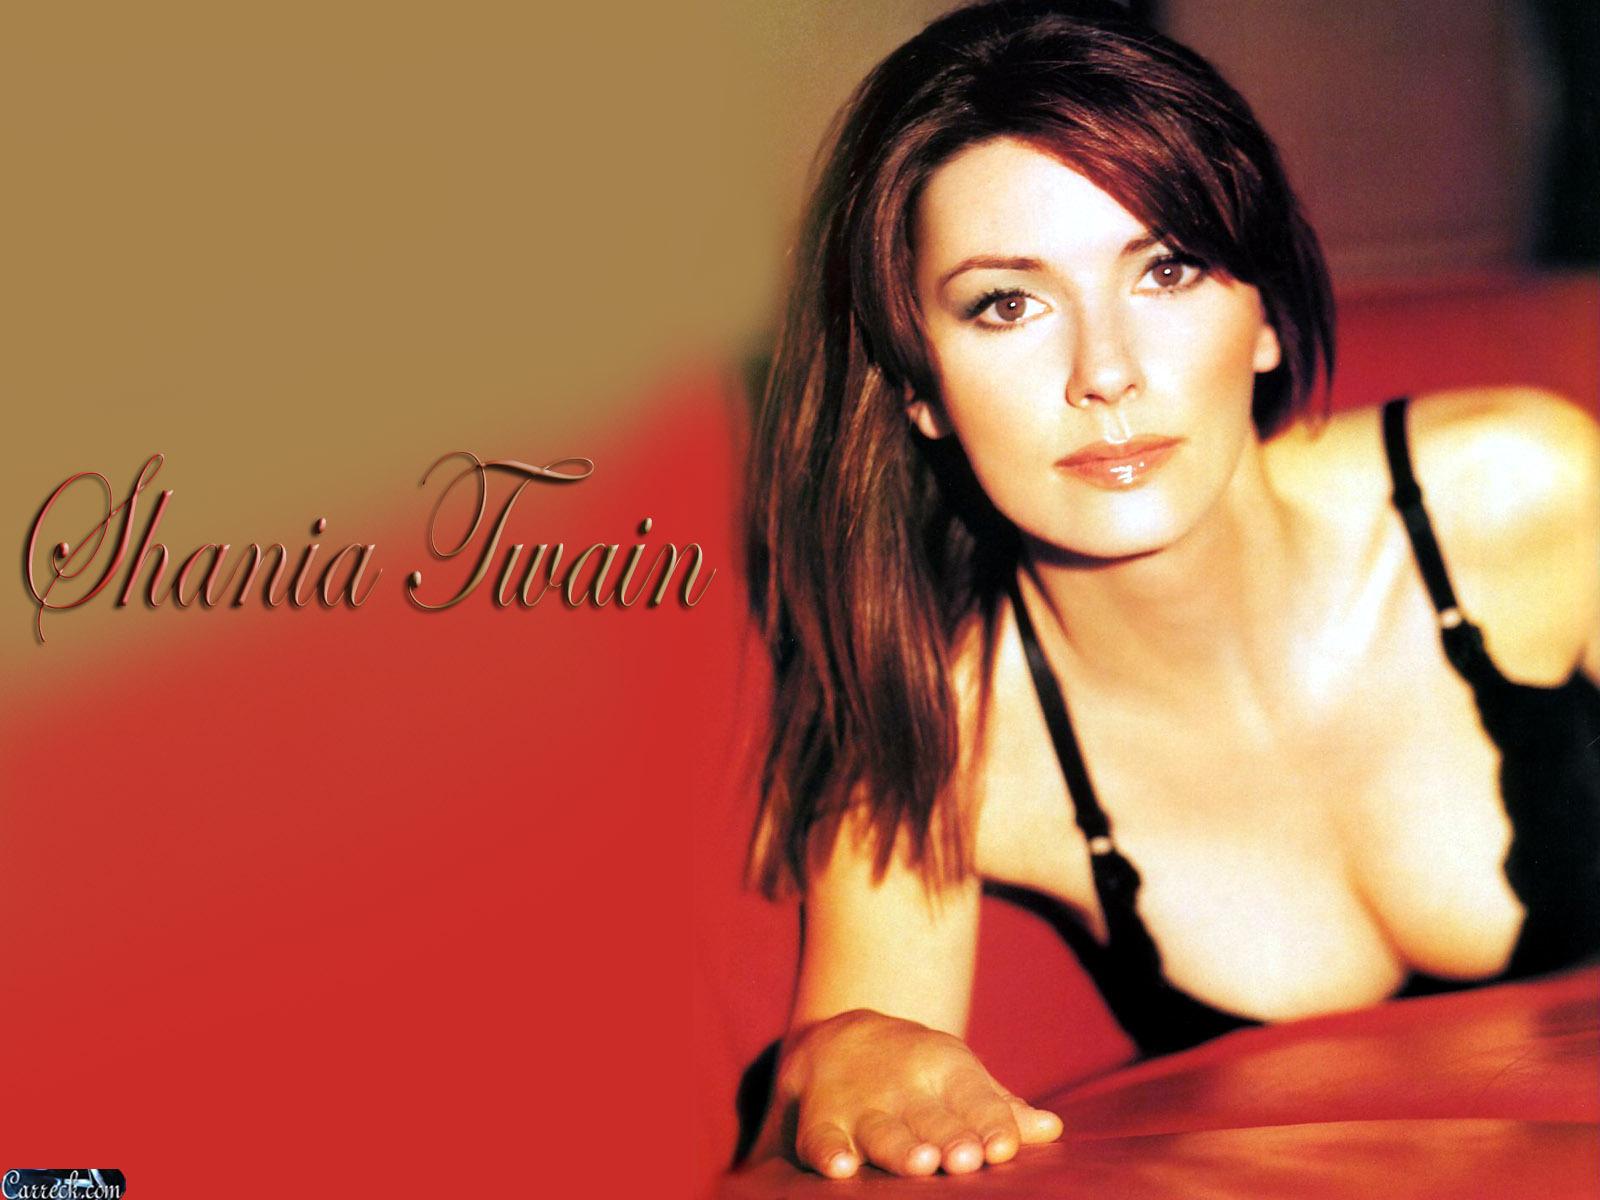 Shania Twain   Shania Twain Wallpaper 20894868 1600x1200